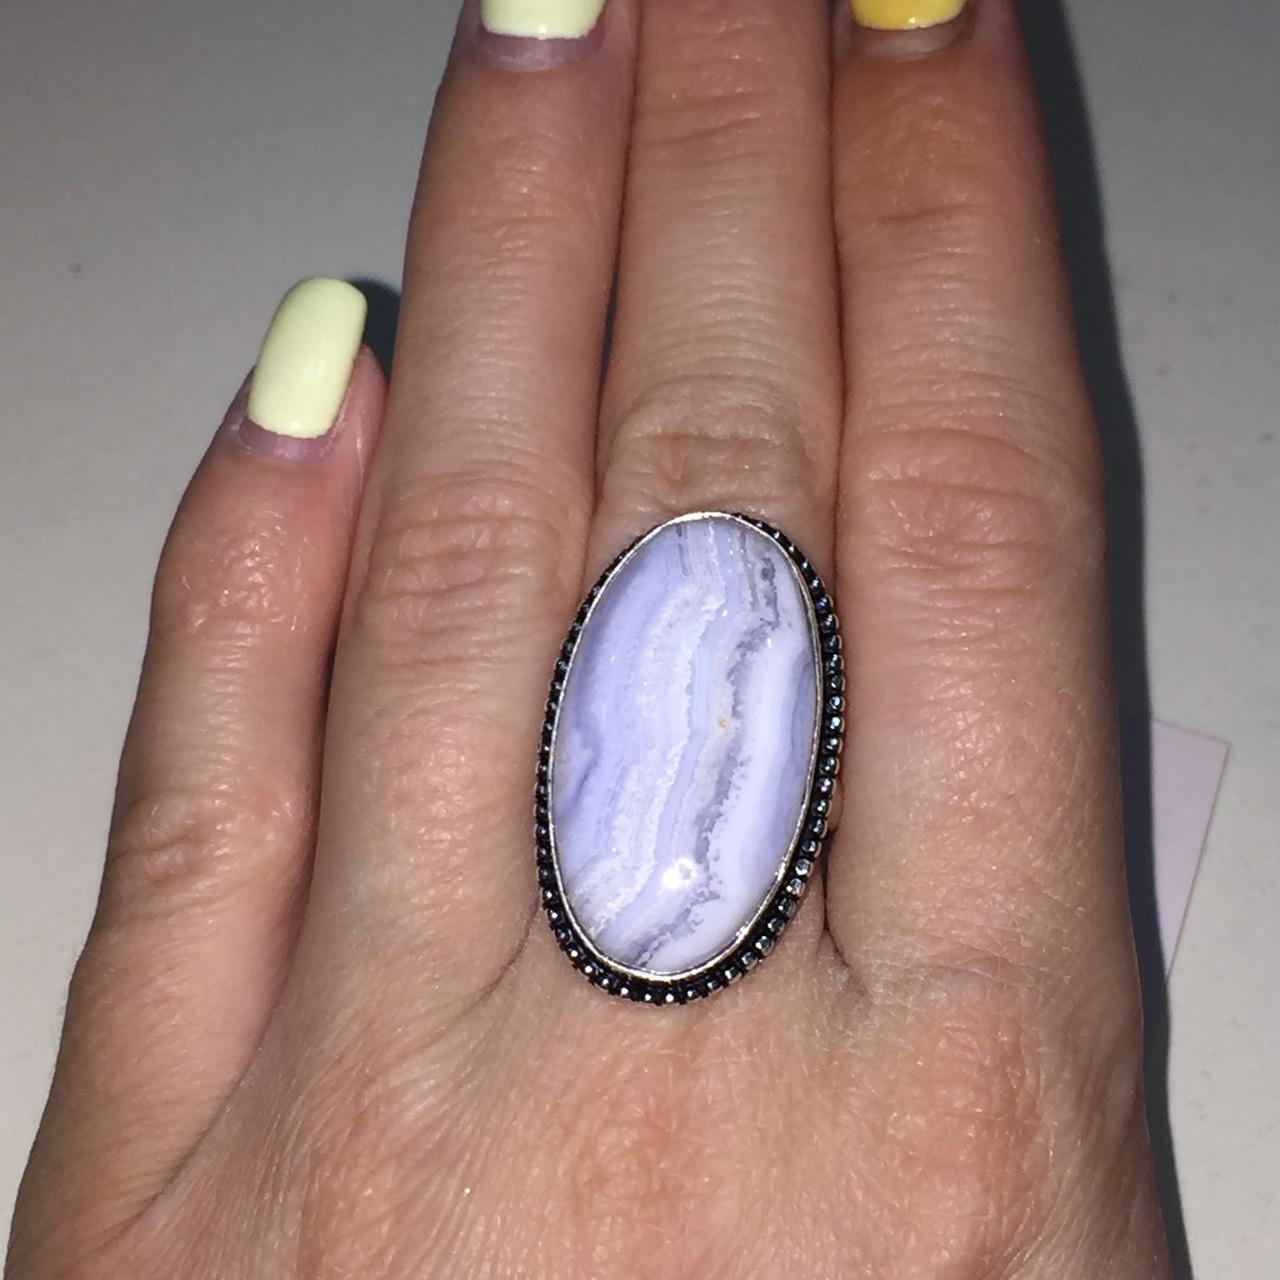 Кольцо с натуральным голубым агатом сапфирином в серебре. Кольцо овал с сапфирином. Размер 17,5-18 Индия